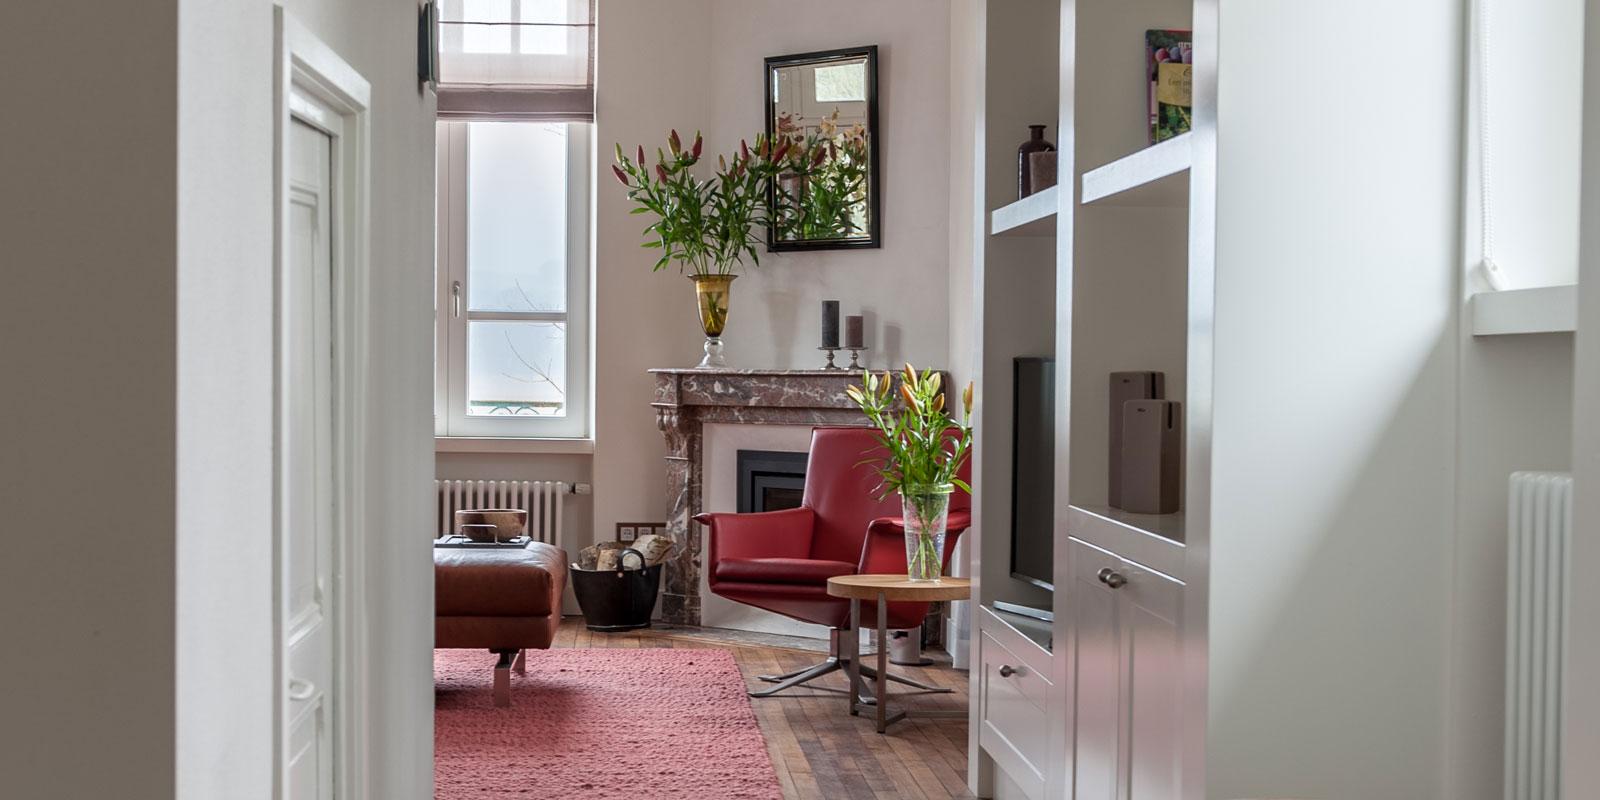 Renovatie Frans huis | MarStyling